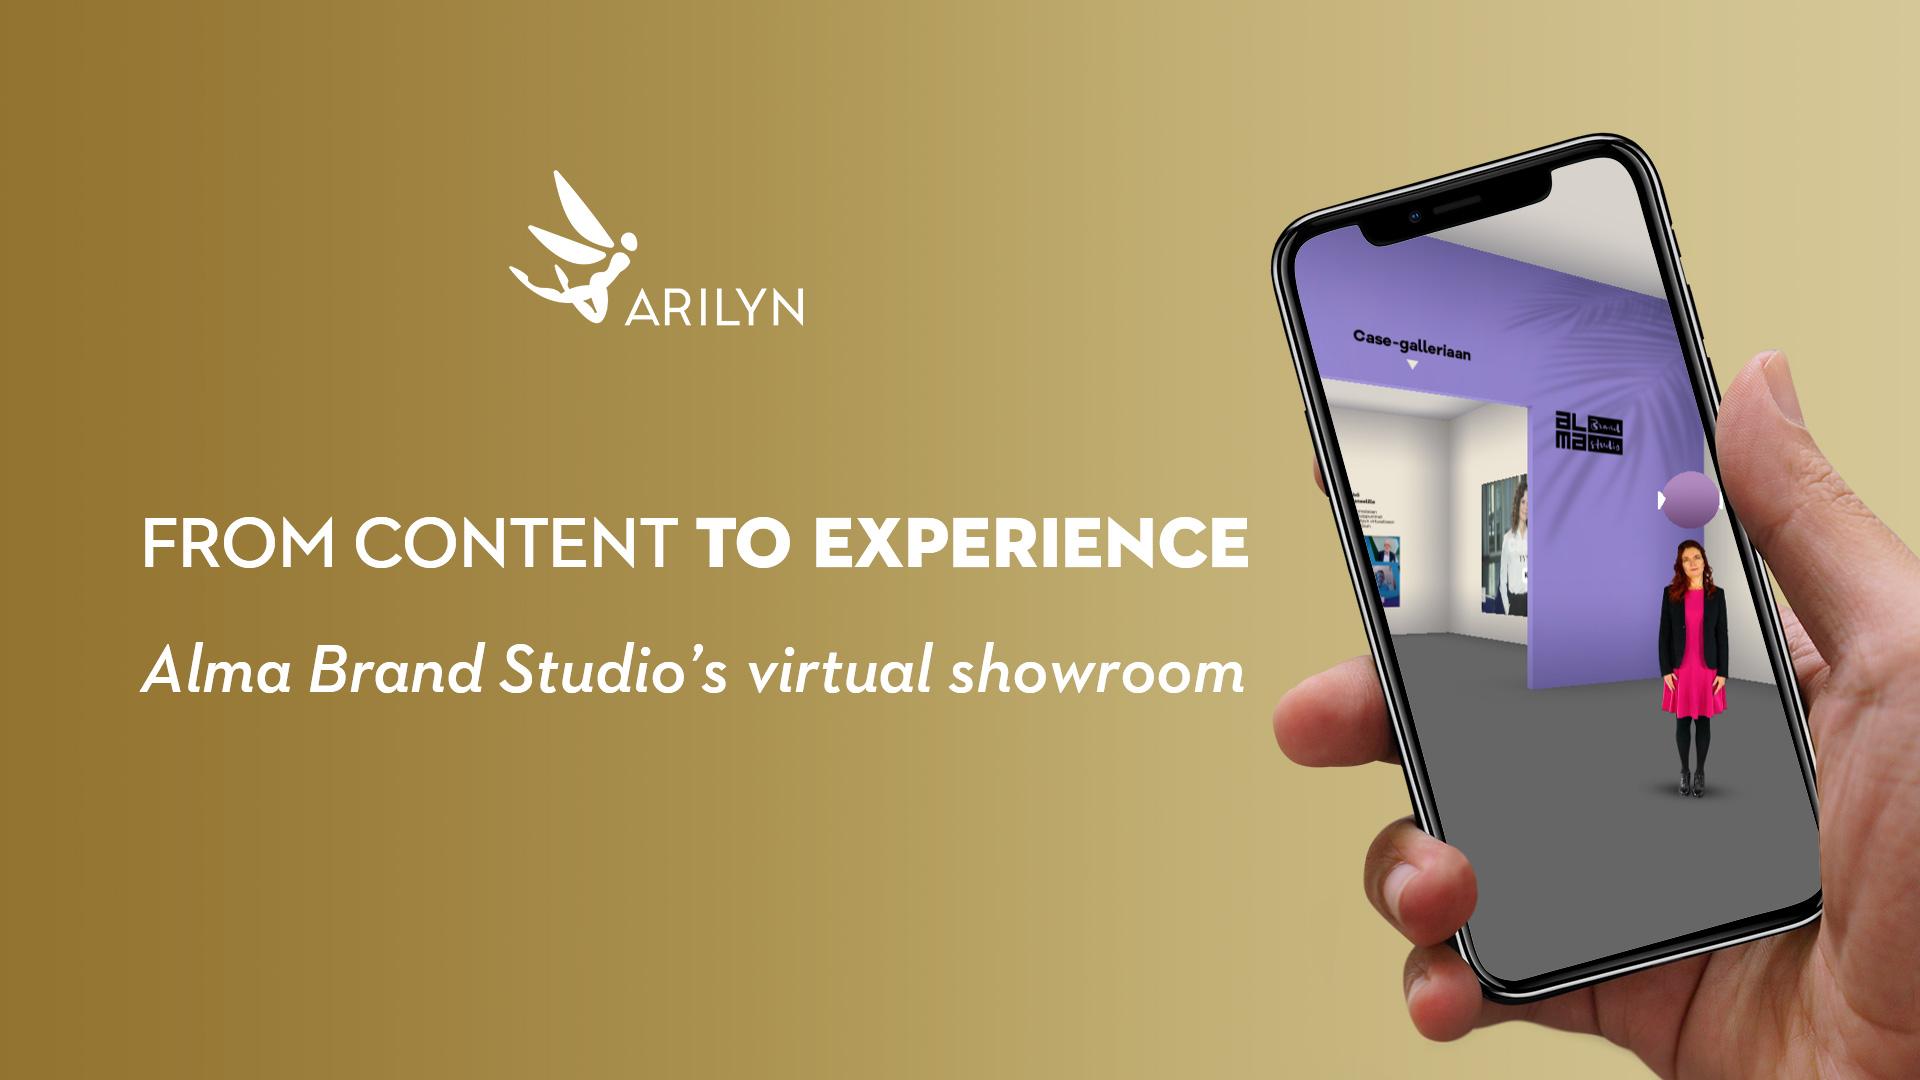 Alma Brand Studio's content marketing services in virtual showroom